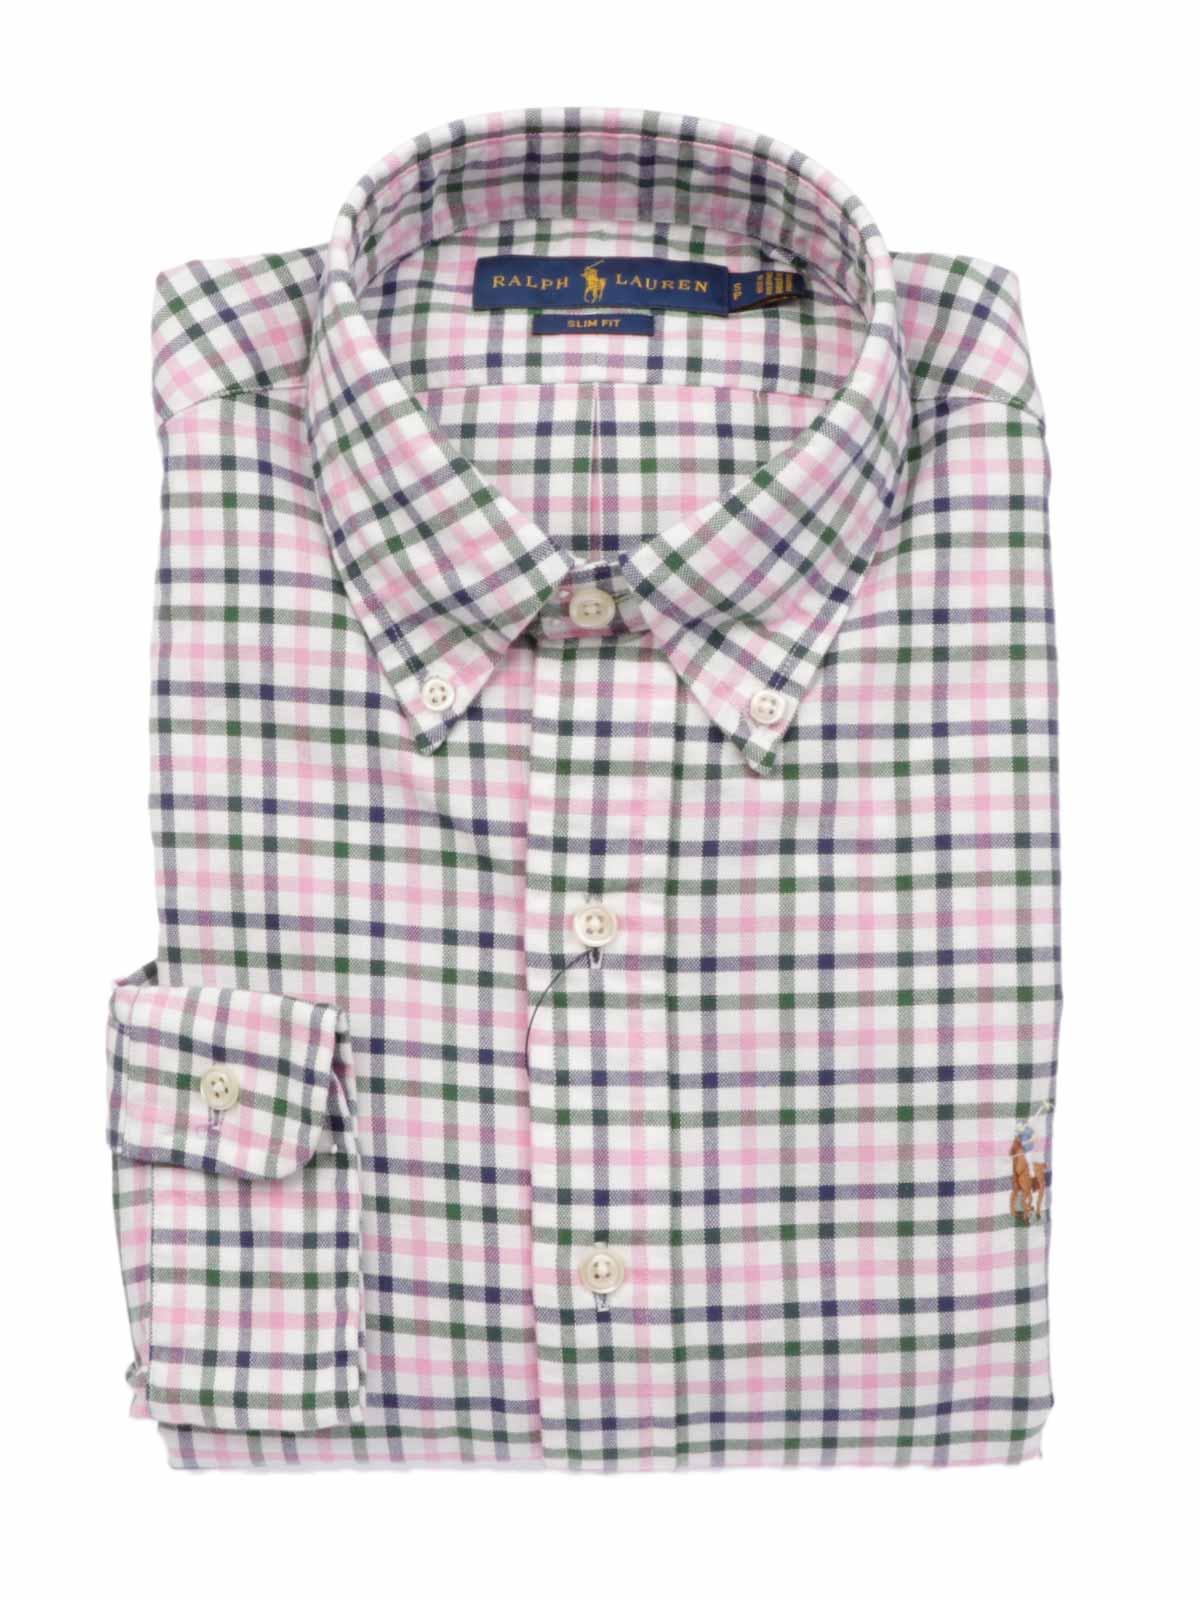 comprare on line 9d69d c8ead POLO RALPH LAUREN Camicia Uomo Slim Fit a Quadretti